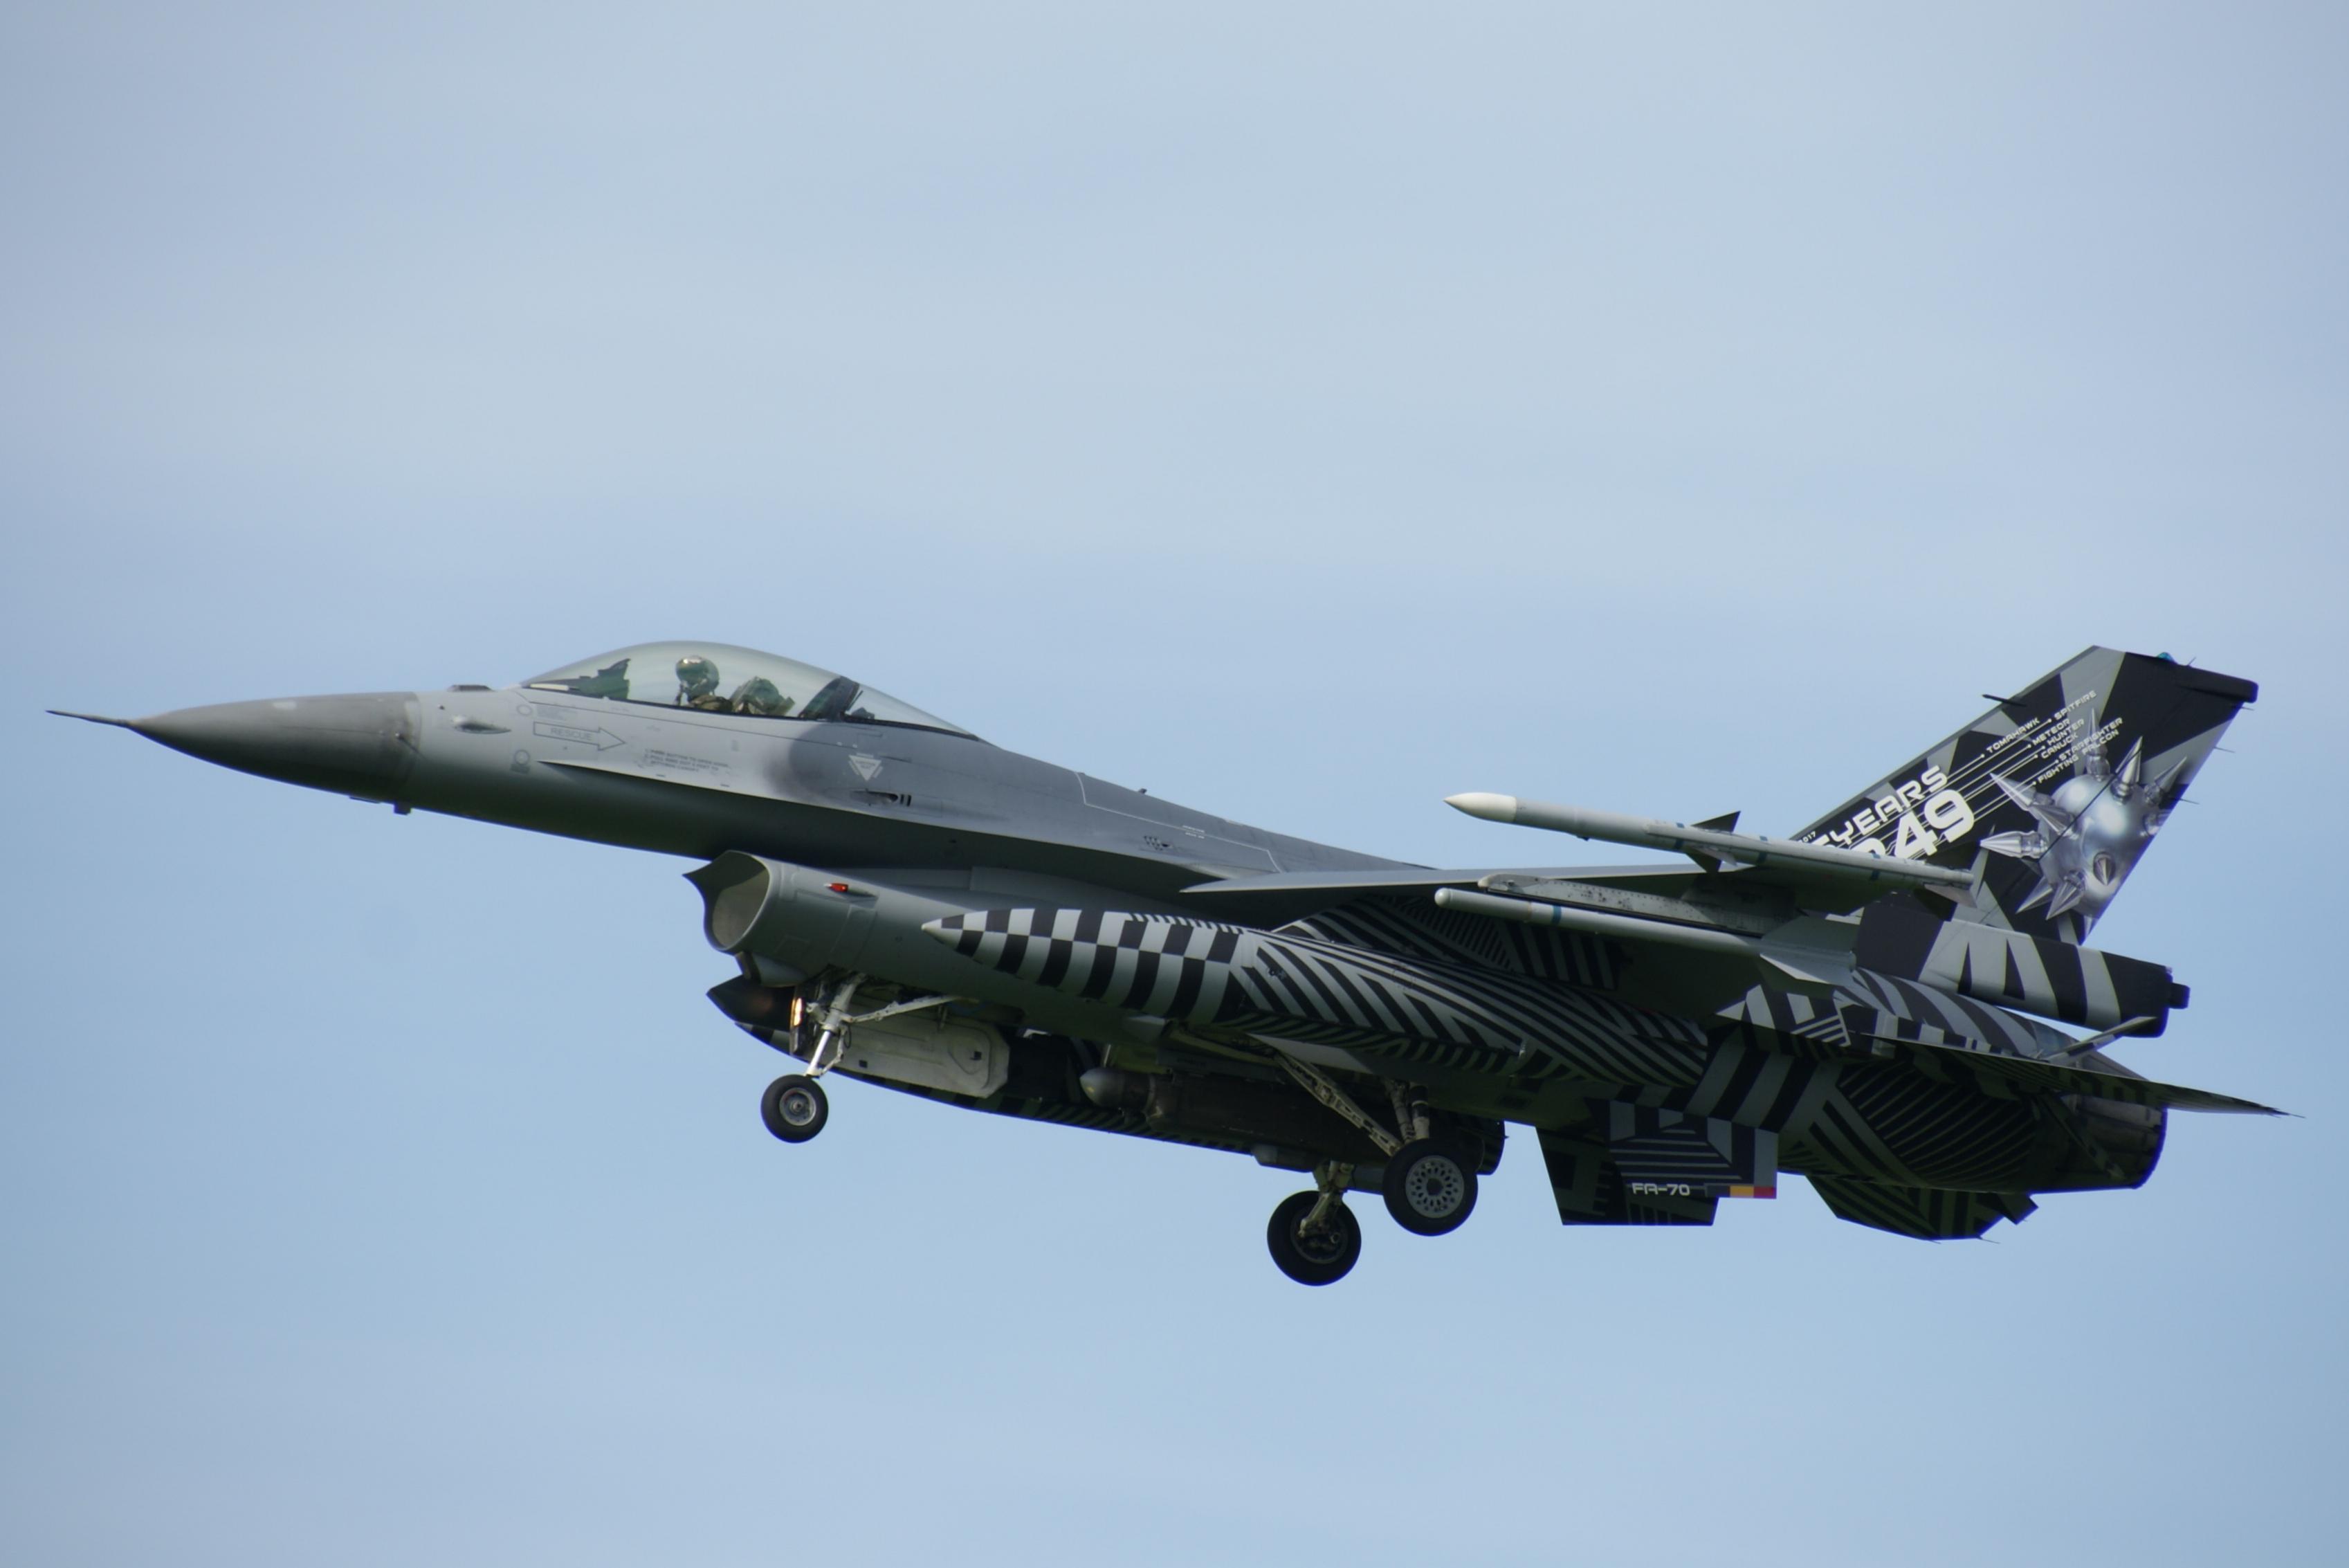 Naam: FA-70 SPECIAL (4).jpg Bekeken: 233 Grootte: 239,1 KB